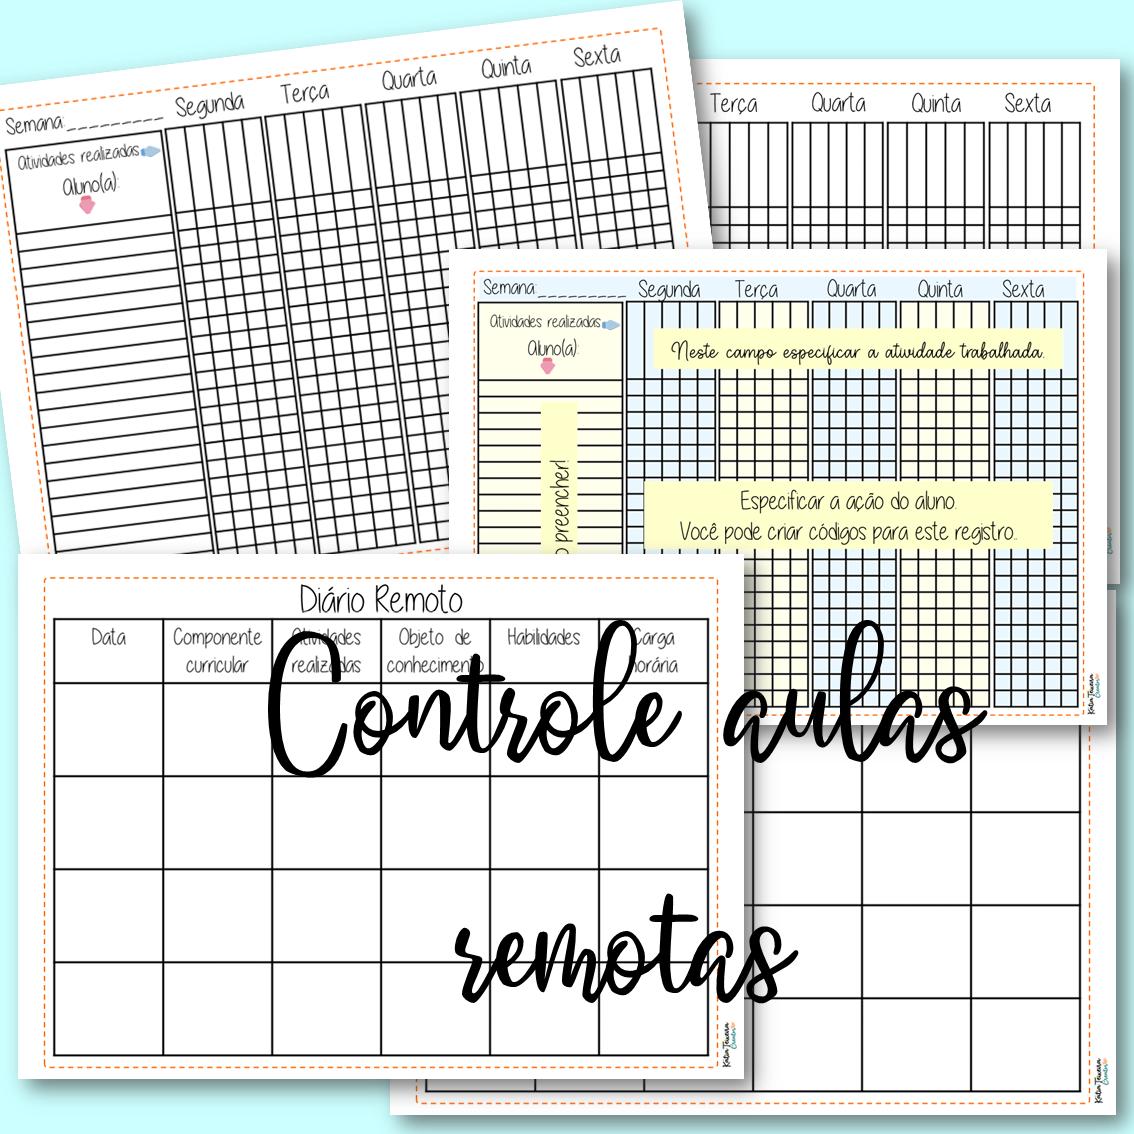 Fichas de controle para aulas remotas